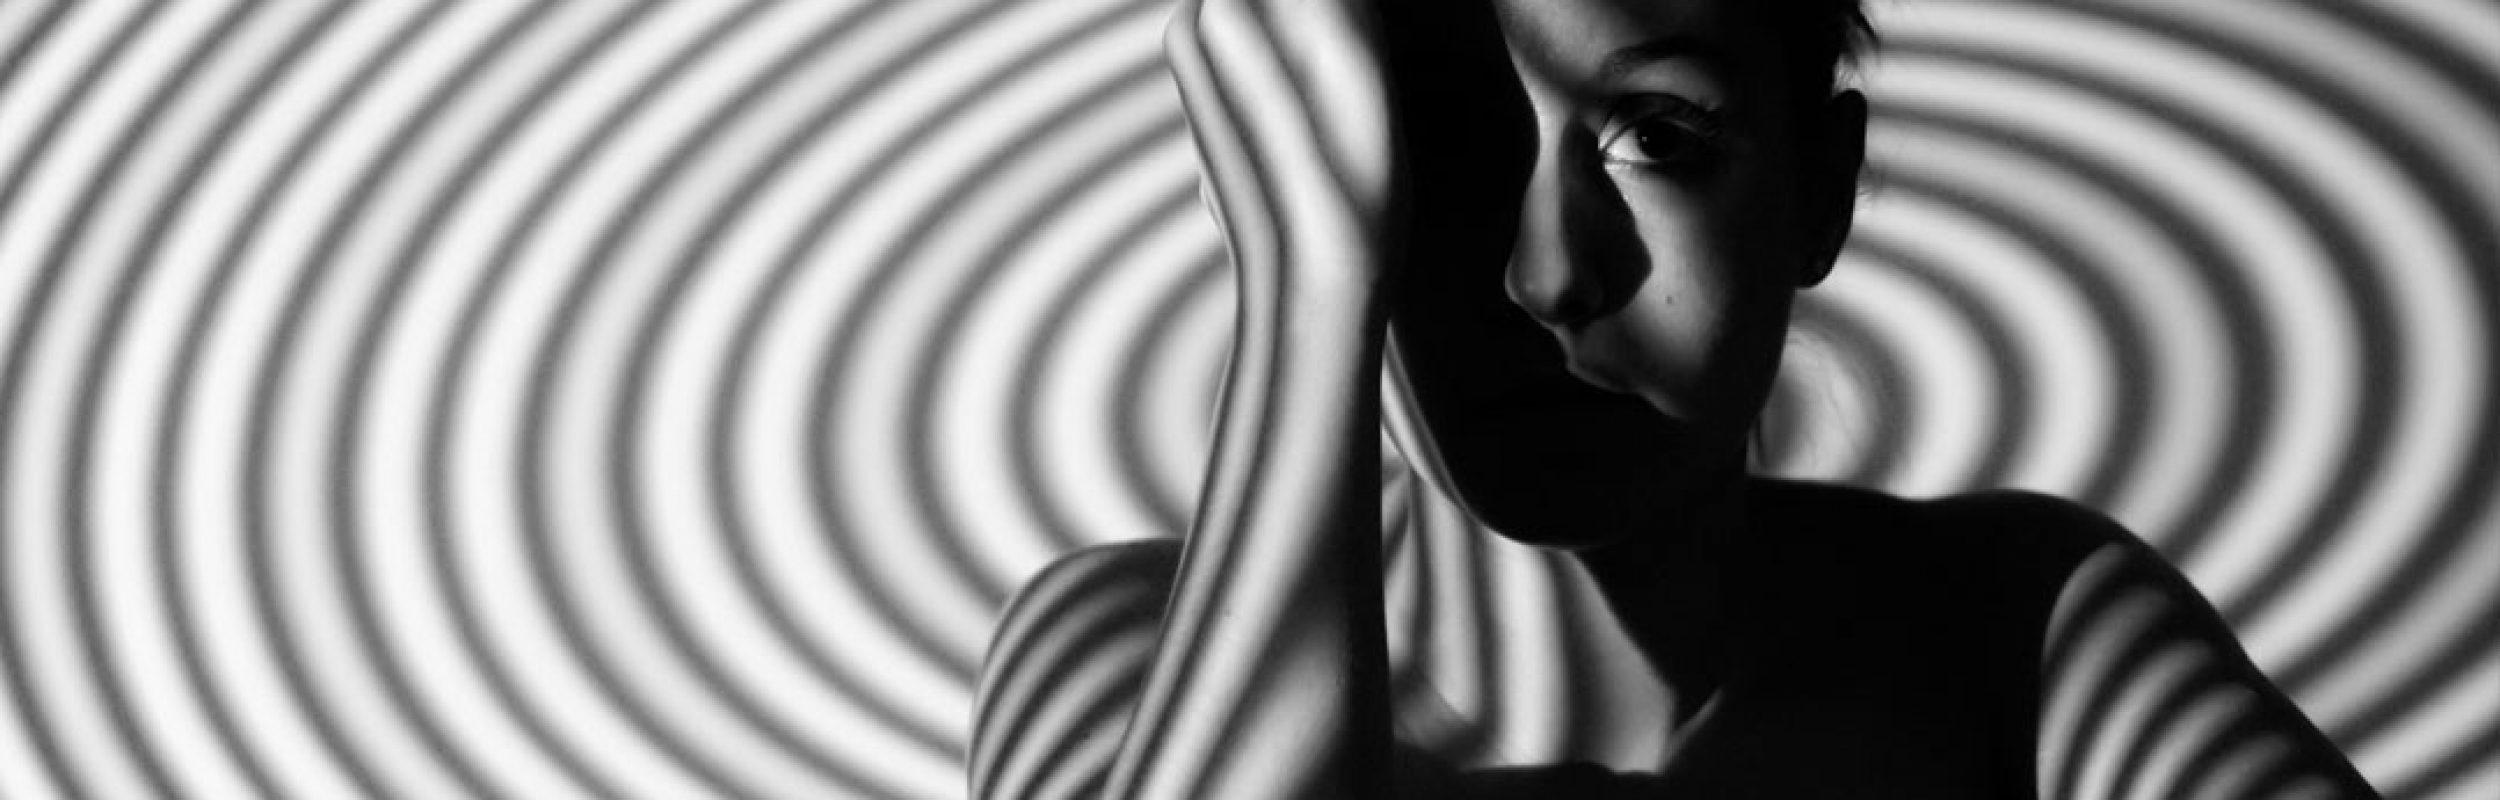 Información a considerar sobre la Hipnosis